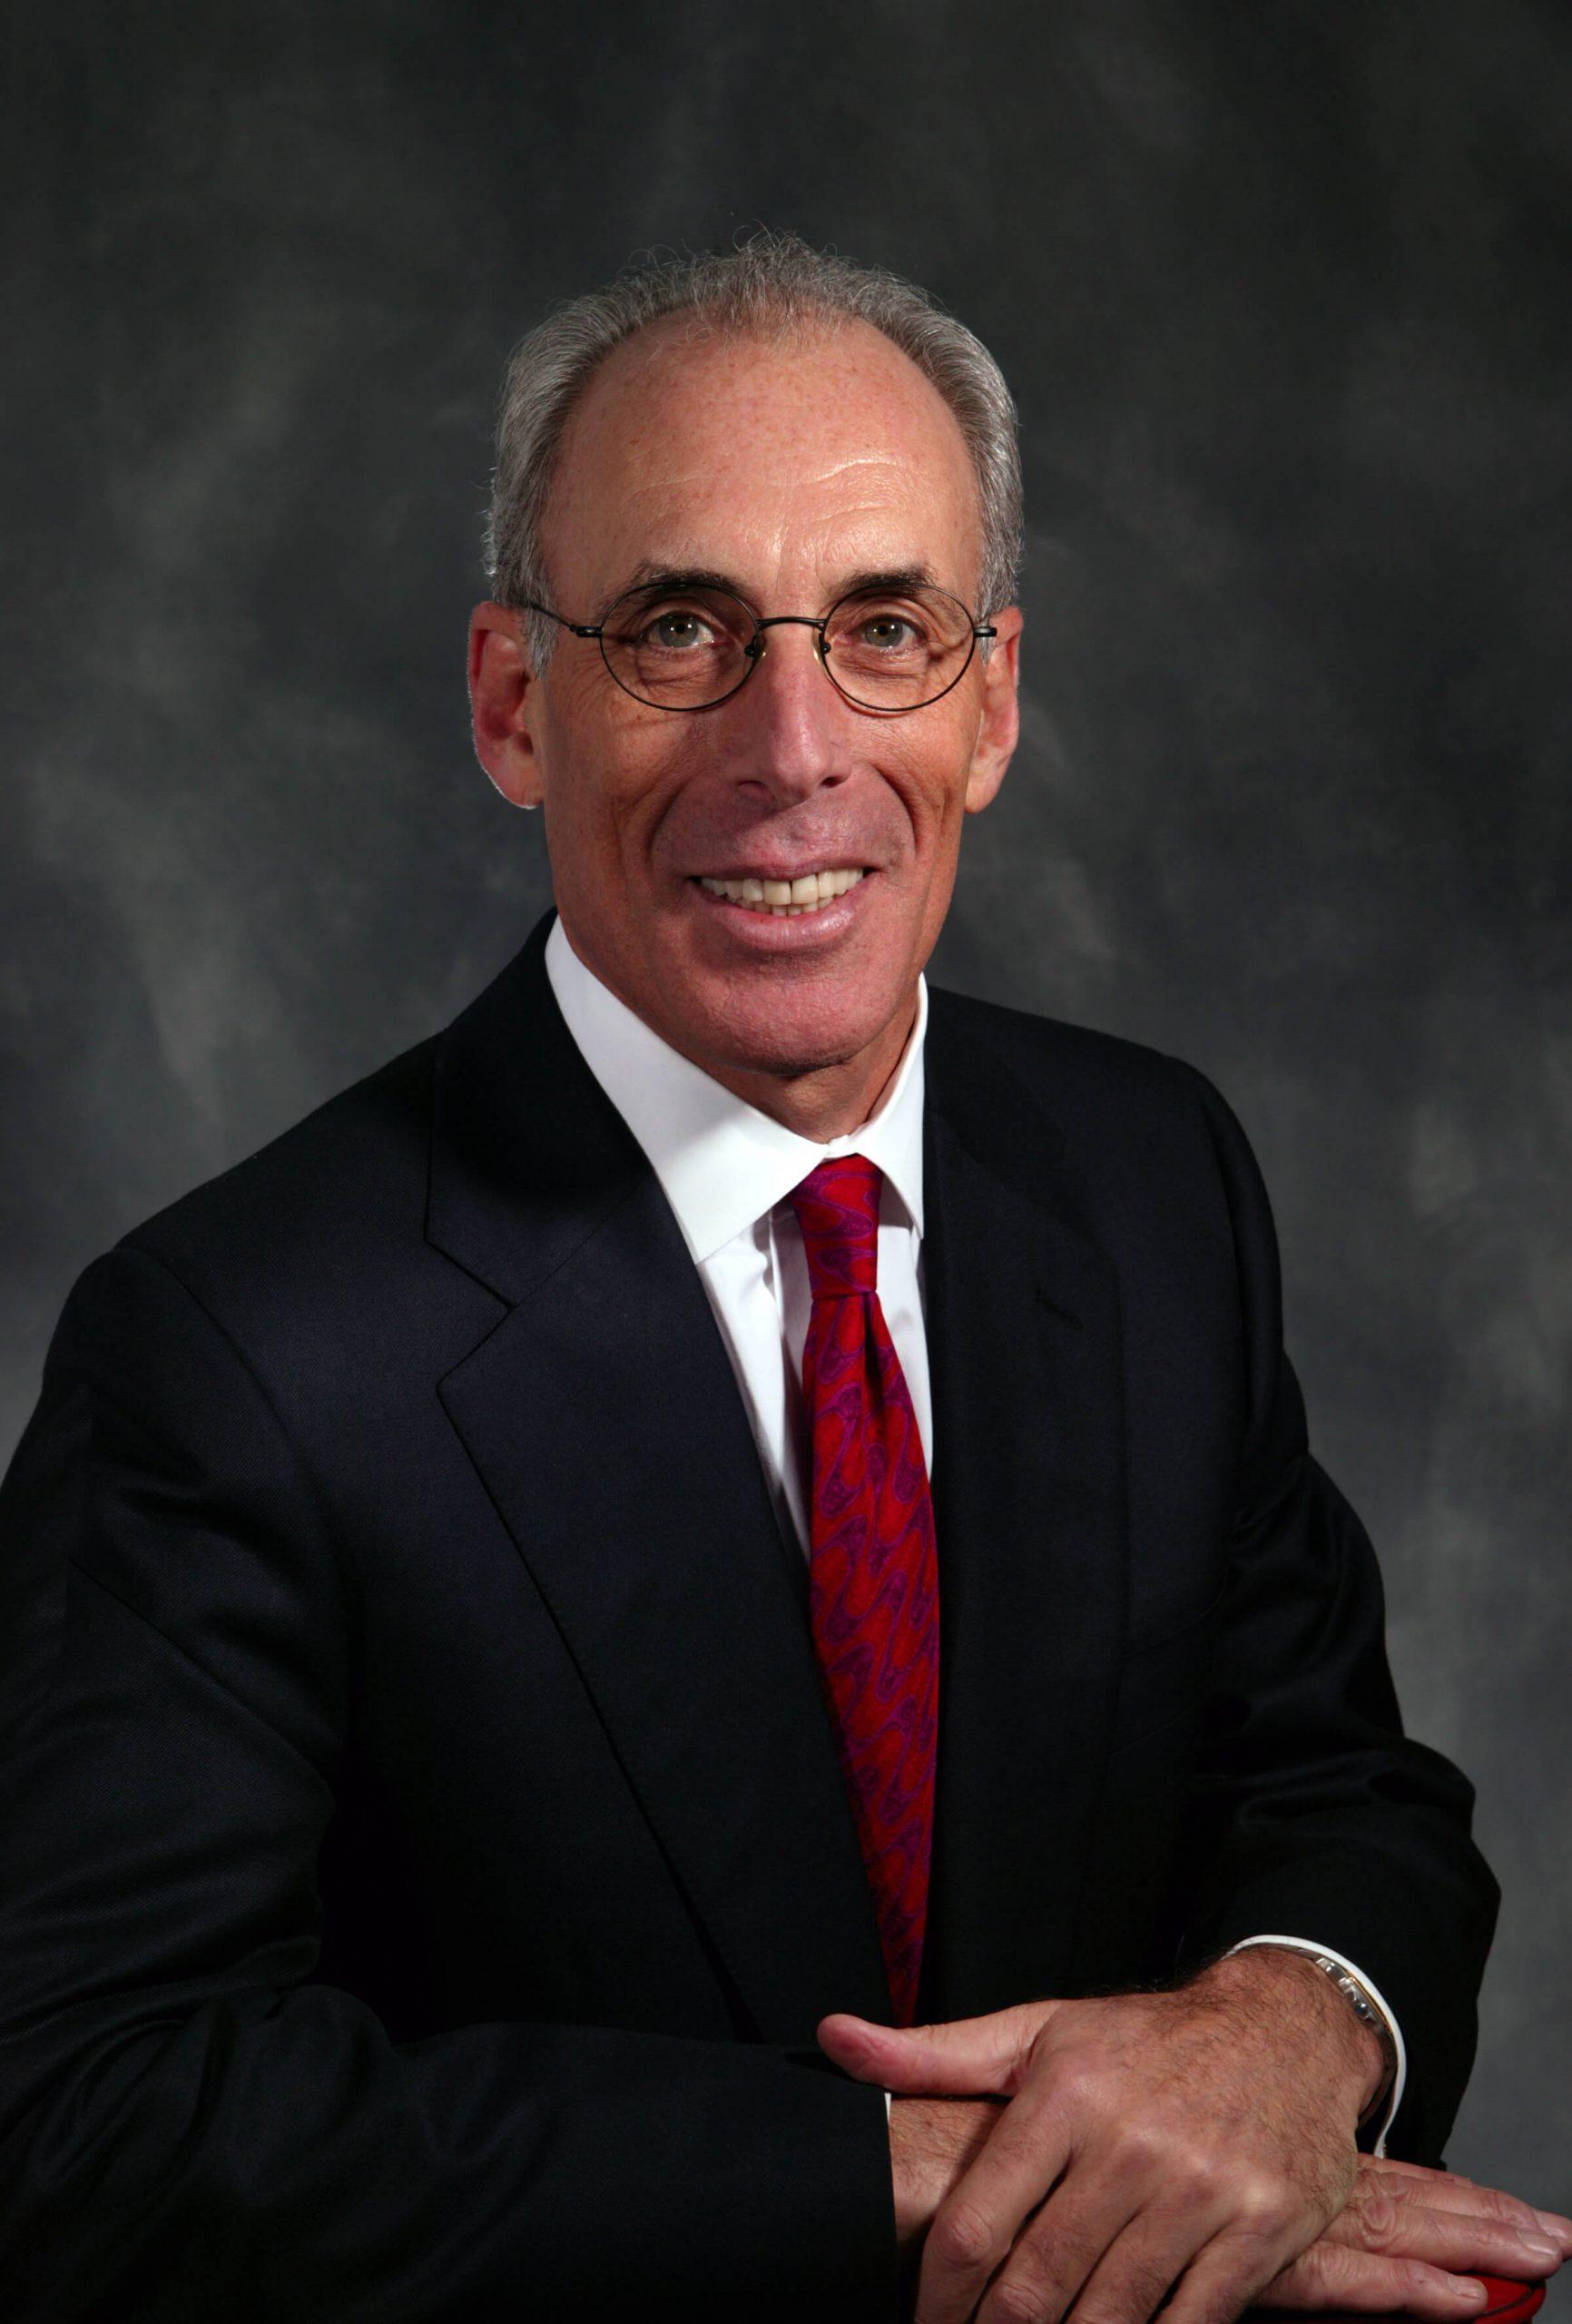 Paul-Karasik-speaker